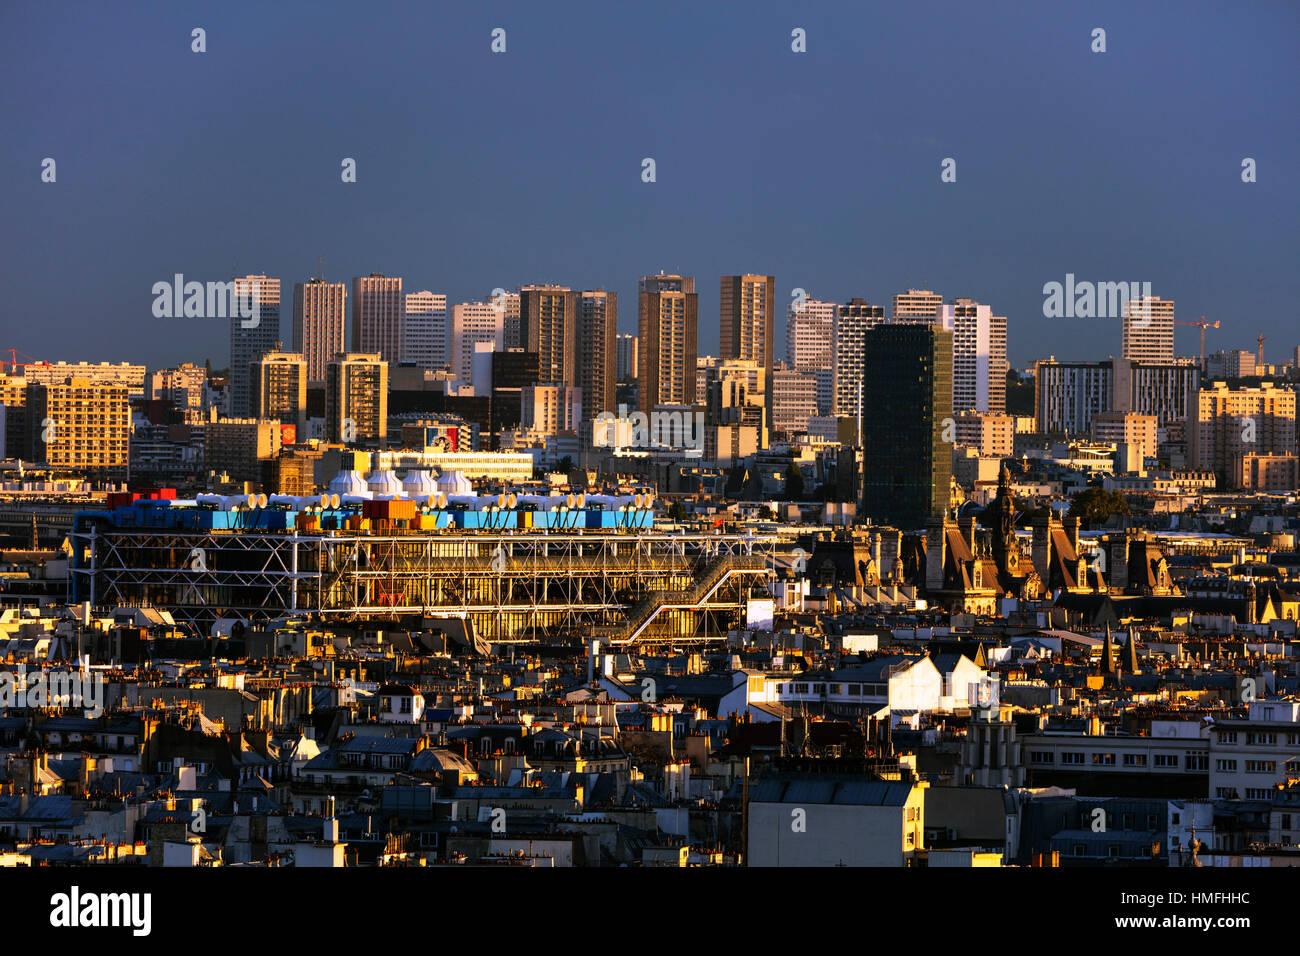 Skyline der Stadt vom Montmartre, Centre Georges Pompidou entworfen von Renzo Piano und Richard Rogers, Paris, Frankreich Stockbild